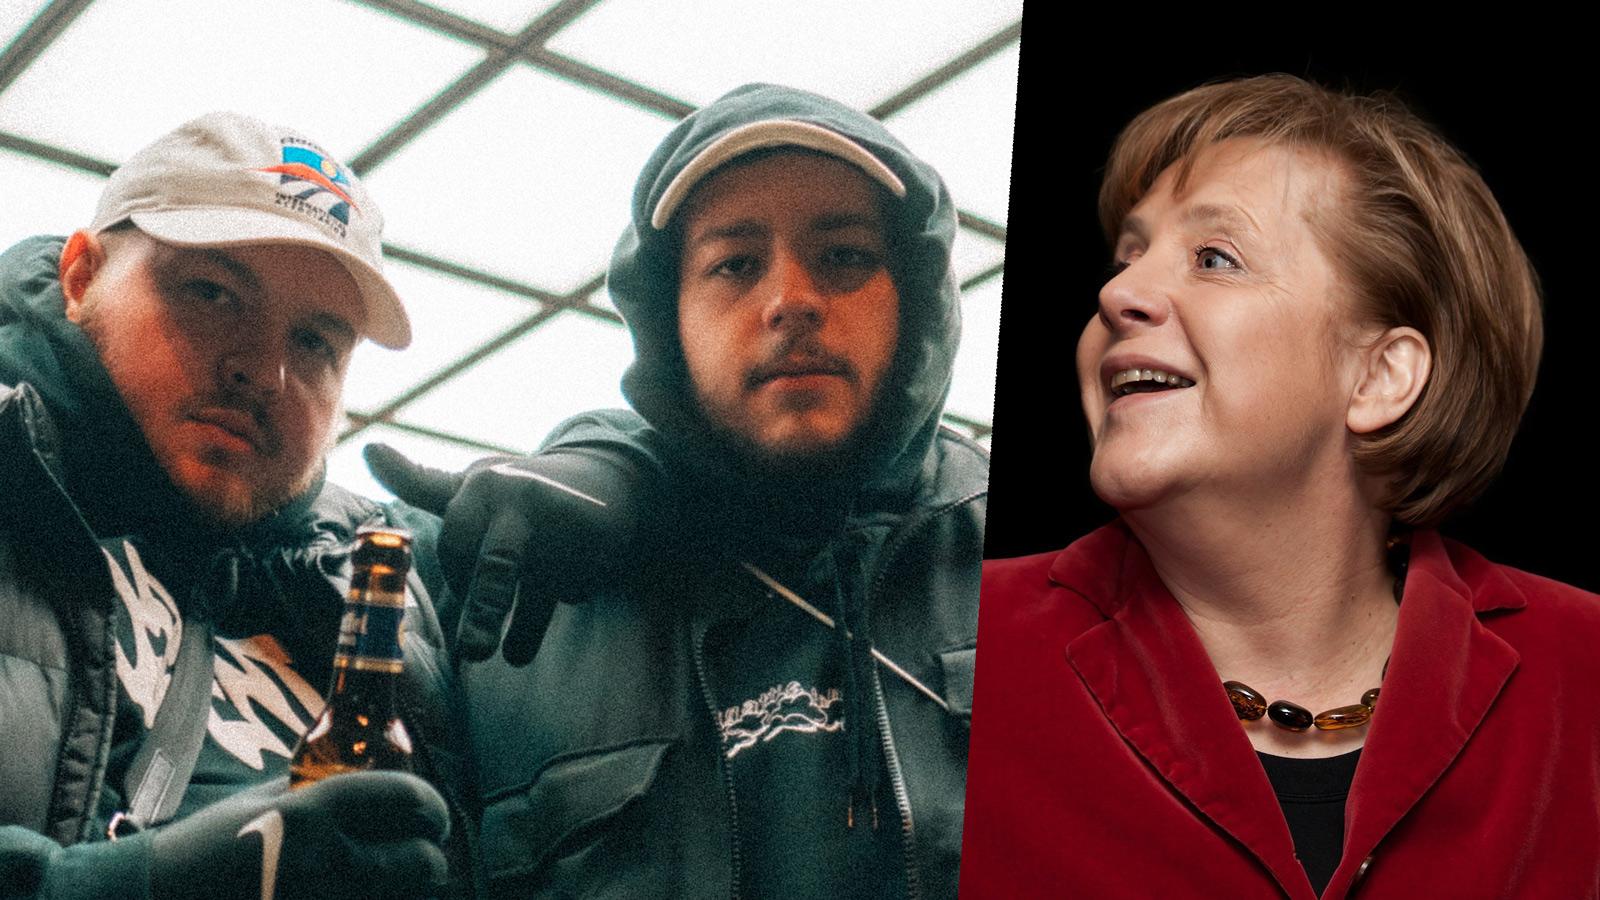 Lugatti & Tom Hengst: Fatty rauchen mit Angela Merkel?